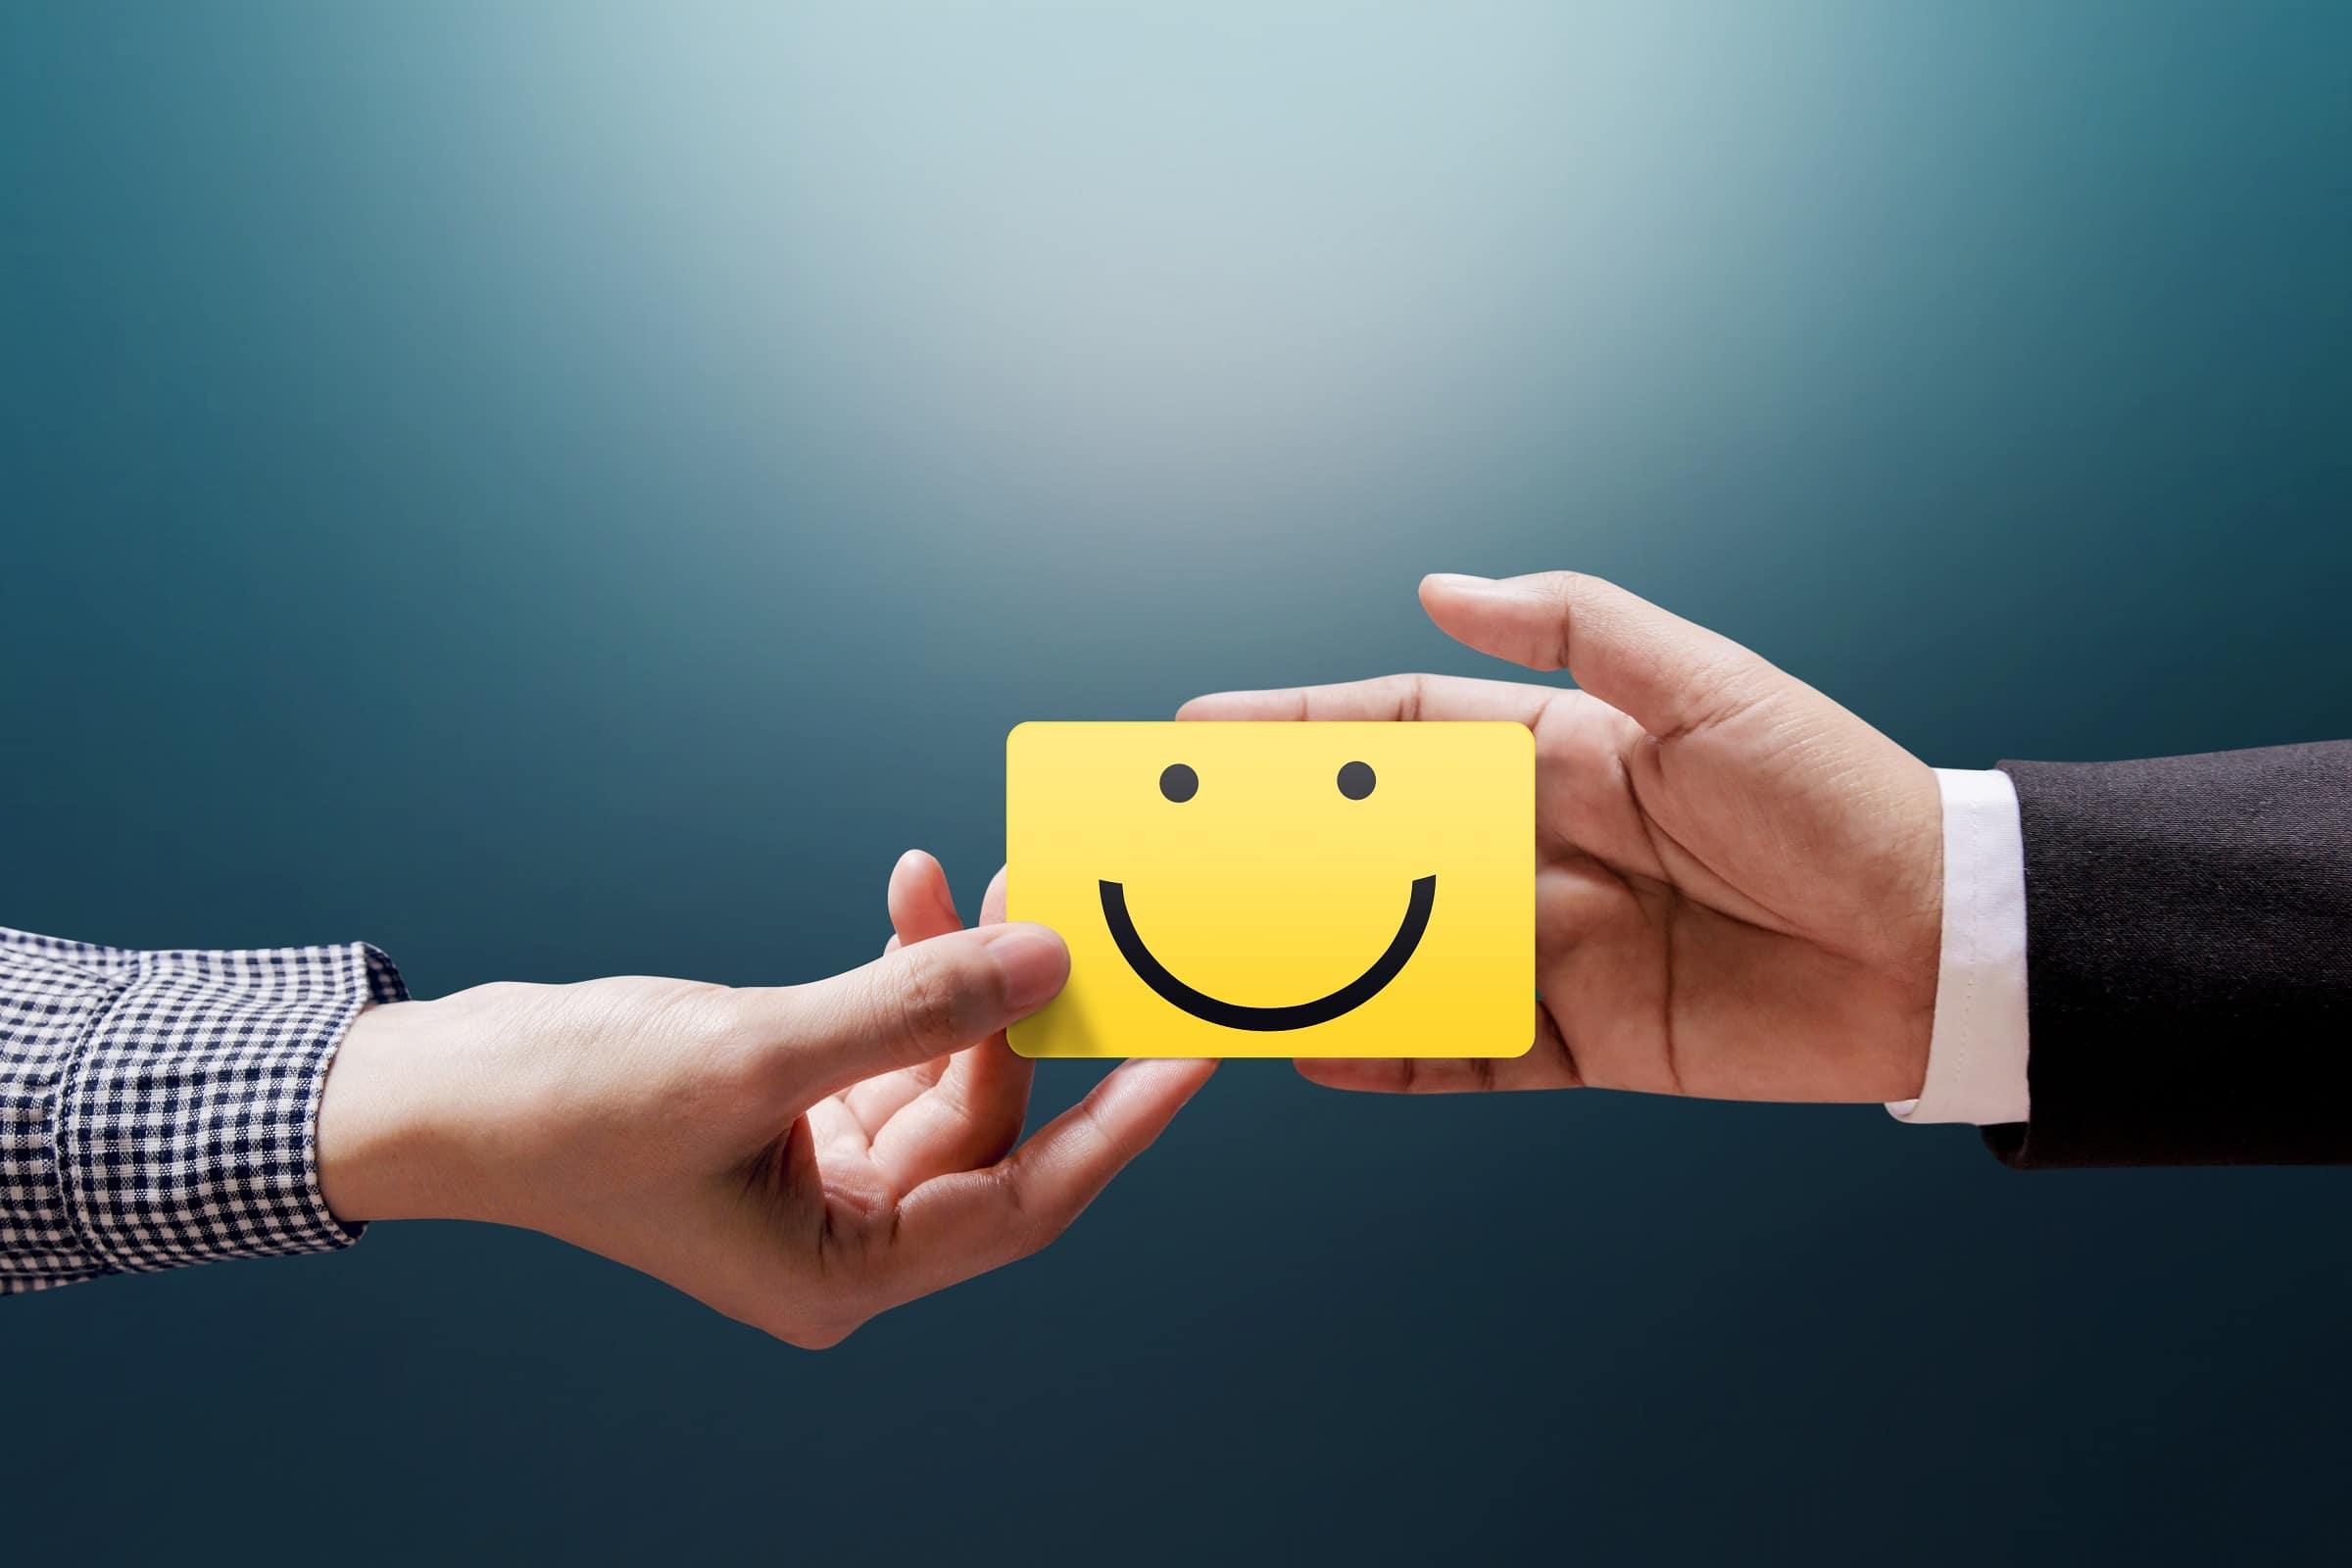 100 ביחסי אנוש: הכלים שיעזרו לכם לשפר את האינטראקציה עם הלקוחות